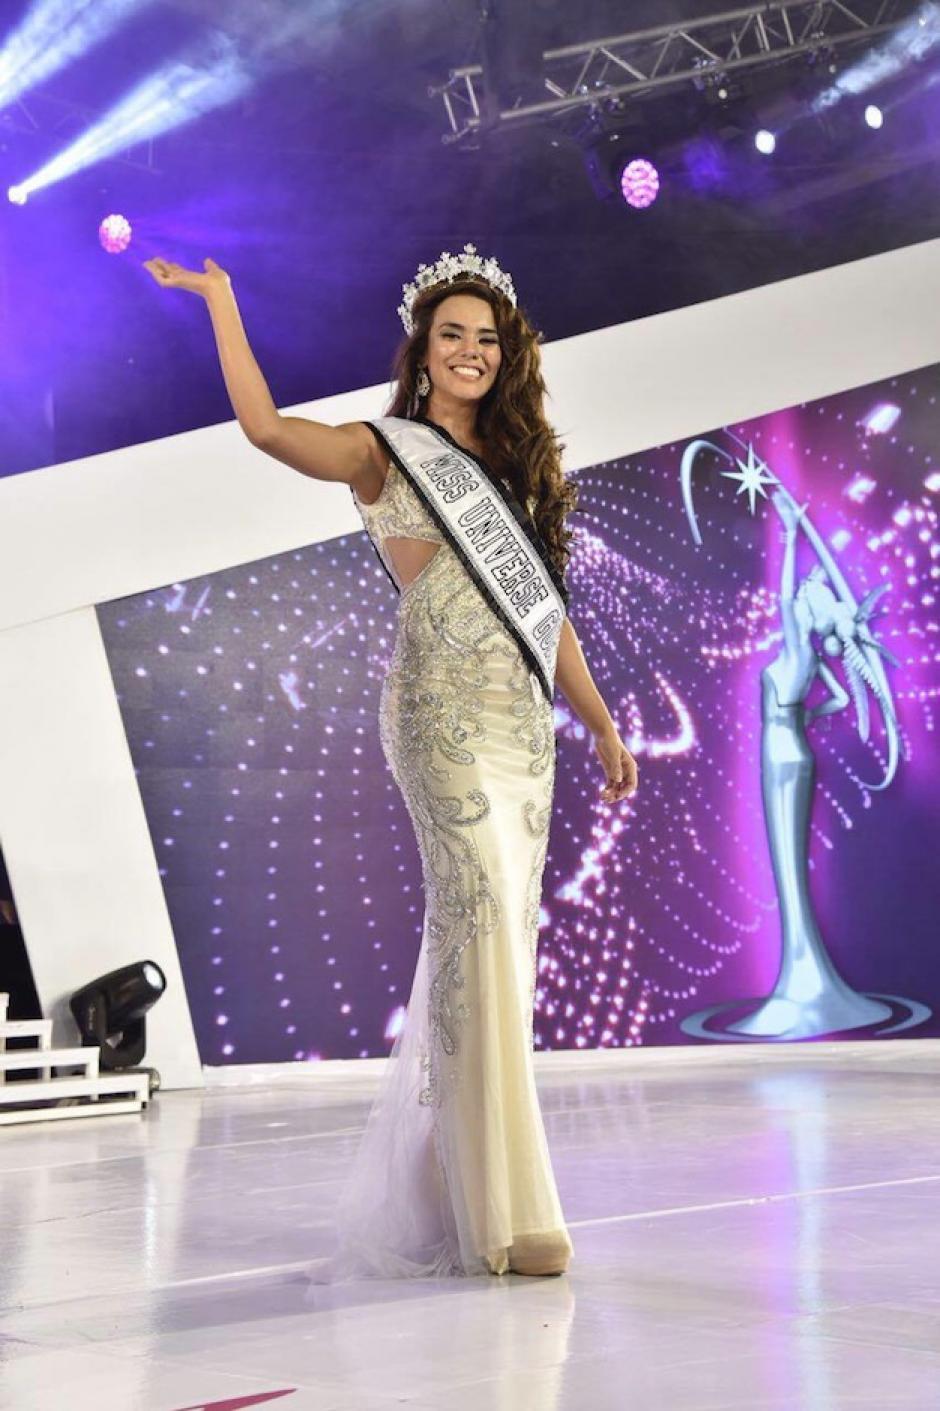 Con mucha emoción, la ganadora envió su cariño a Jutiapa. (Foto: Abner Salguero/Nuestro Diario)